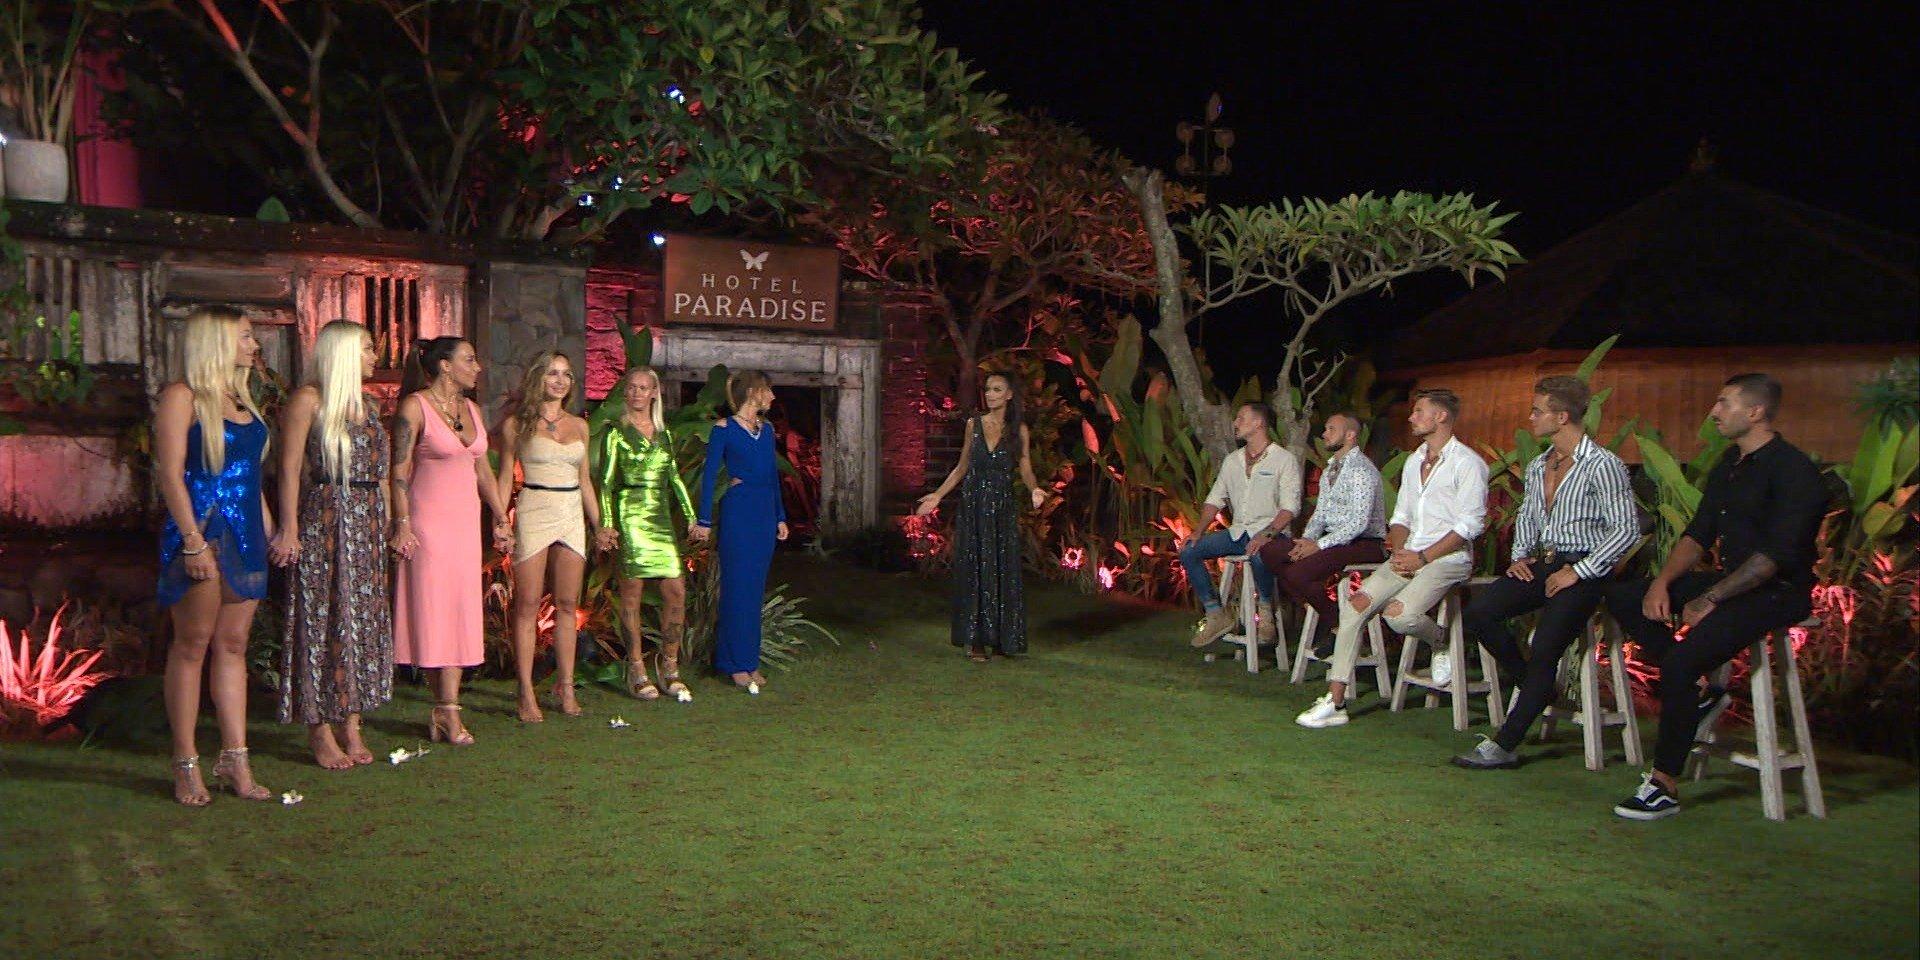 Hotel Paradie 2 - Rajskie Rozdanie! (zapowiedź odcinka 42)